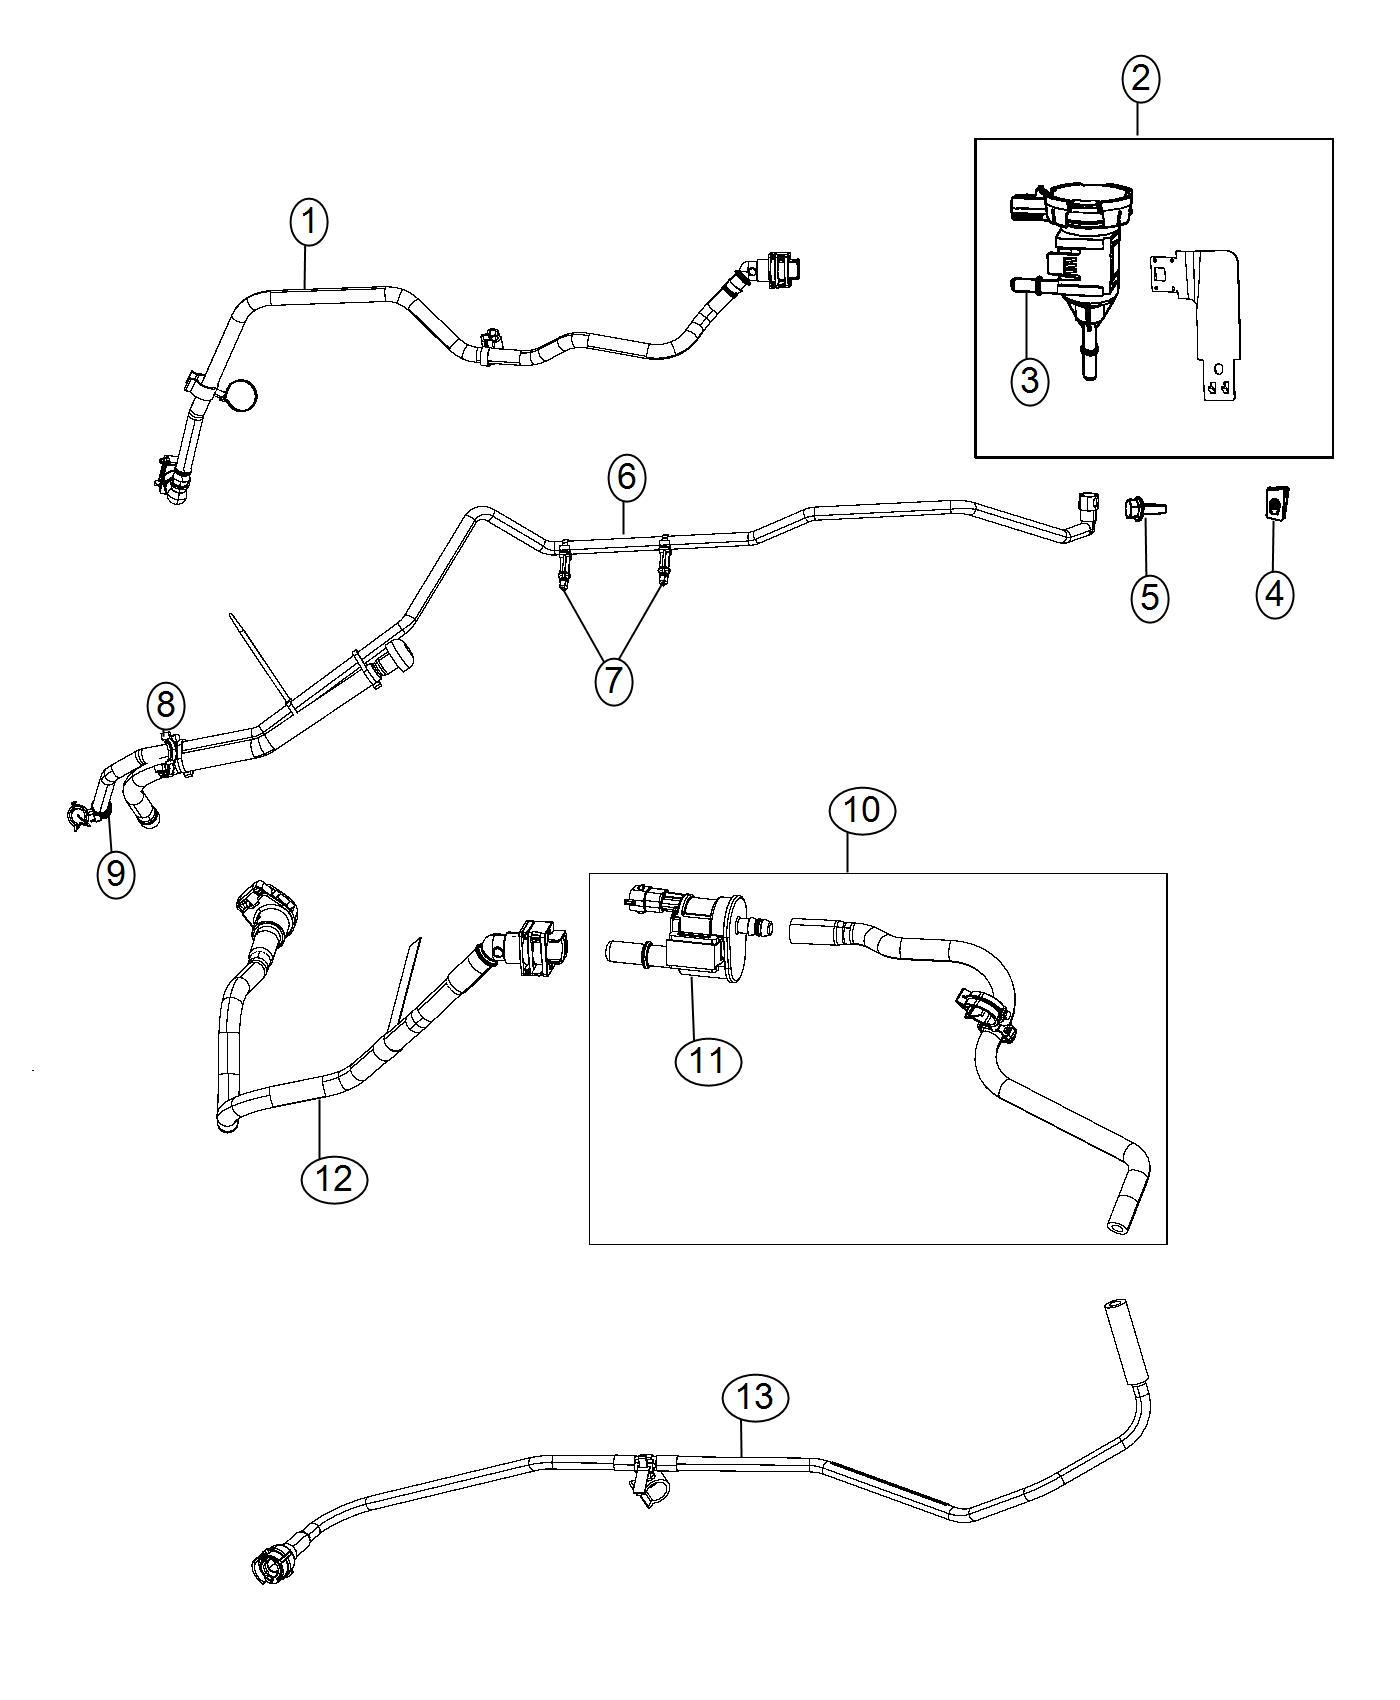 Dodge Ram Harness Vacuum Emission Control Ezc